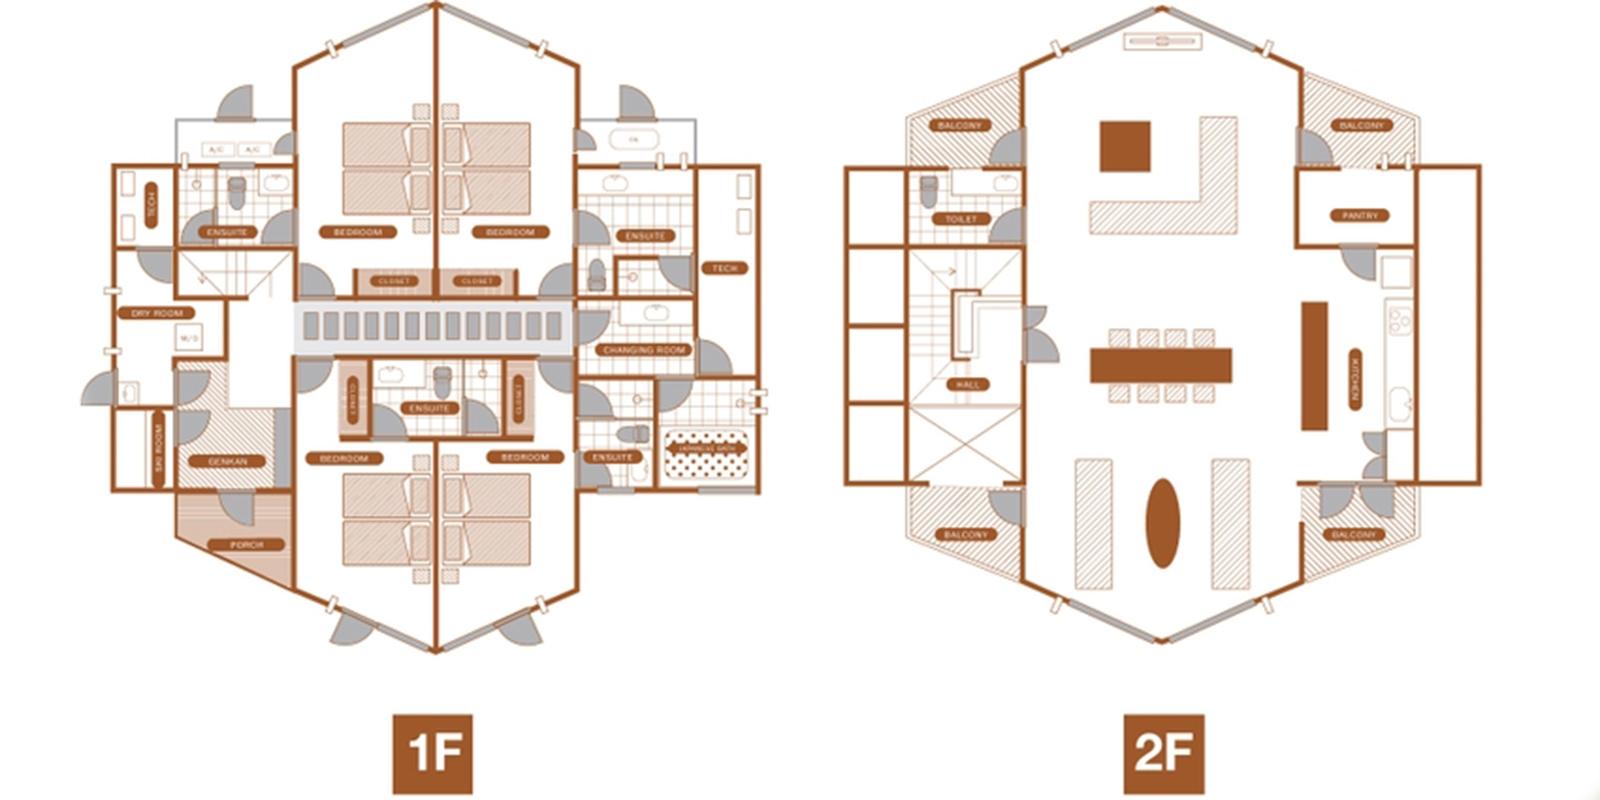 The Orchards Niseko Sawara Floor Plan | St Moritz, Niseko | Ministry of Chalets